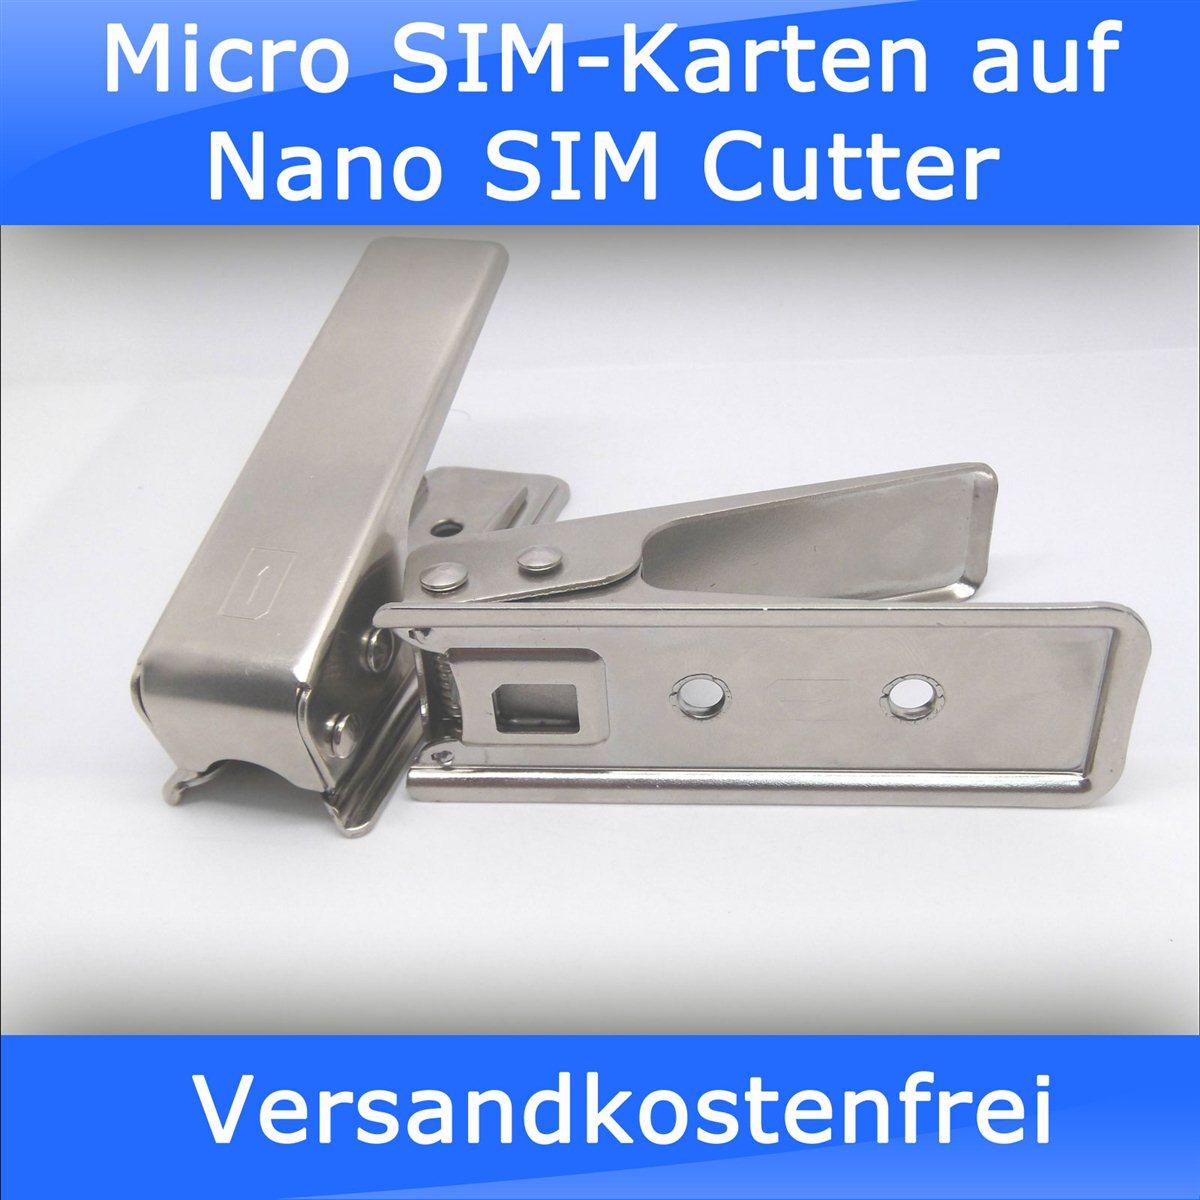 unterschied nano und micro sim karte